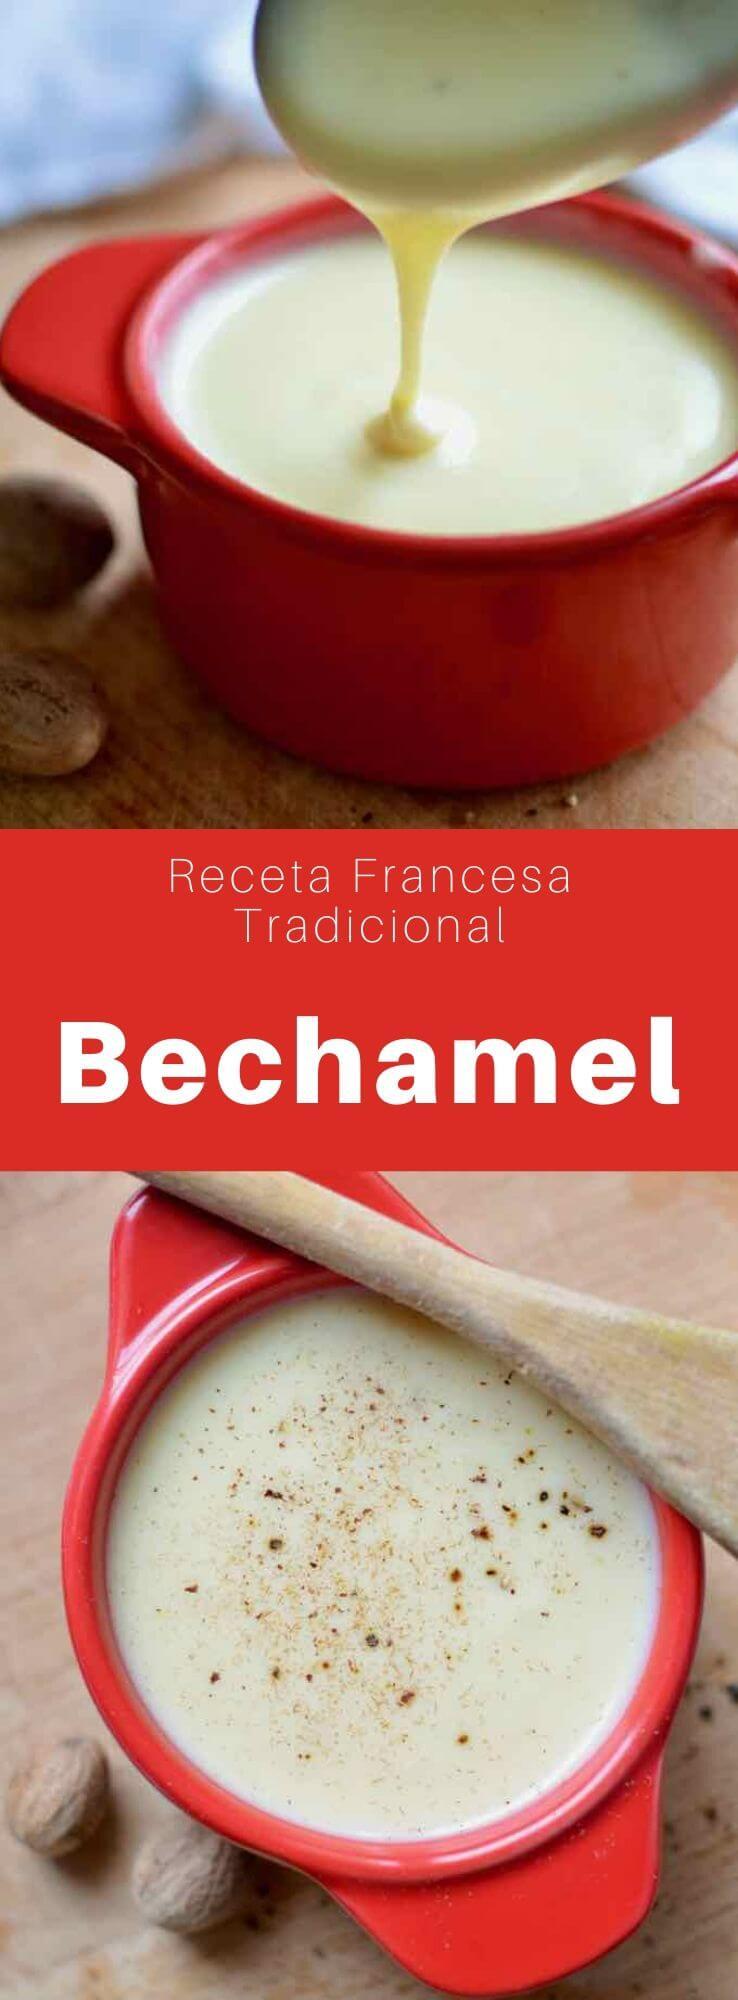 La salsa bechamel, un verdadero clásico de la gastronomía francesa, se puede utilizar para preparar muchos platos.